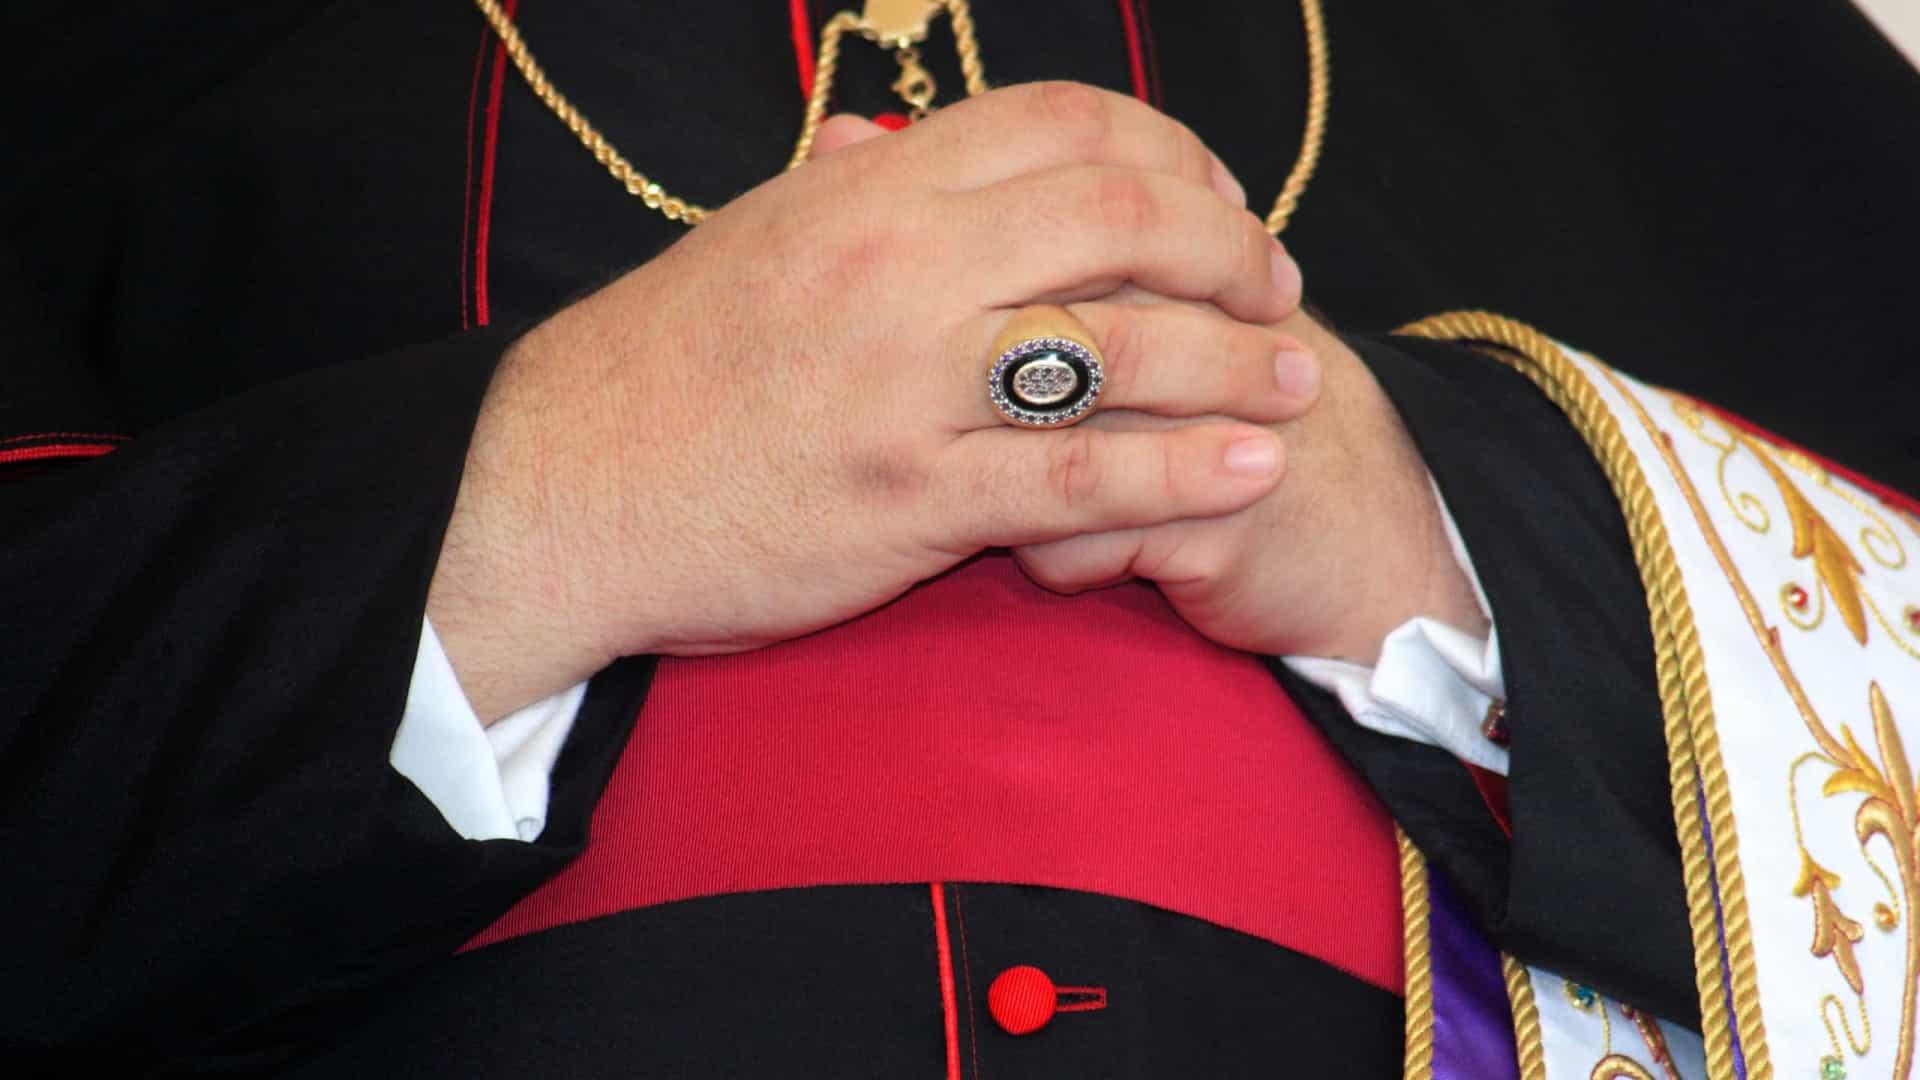 arcebispo de são salvador pede desculpas por abusos sexuais de há 25 anos - BISPO - Arcebispo de São Salvador pede desculpas por abusos sexuais de há 25 anos